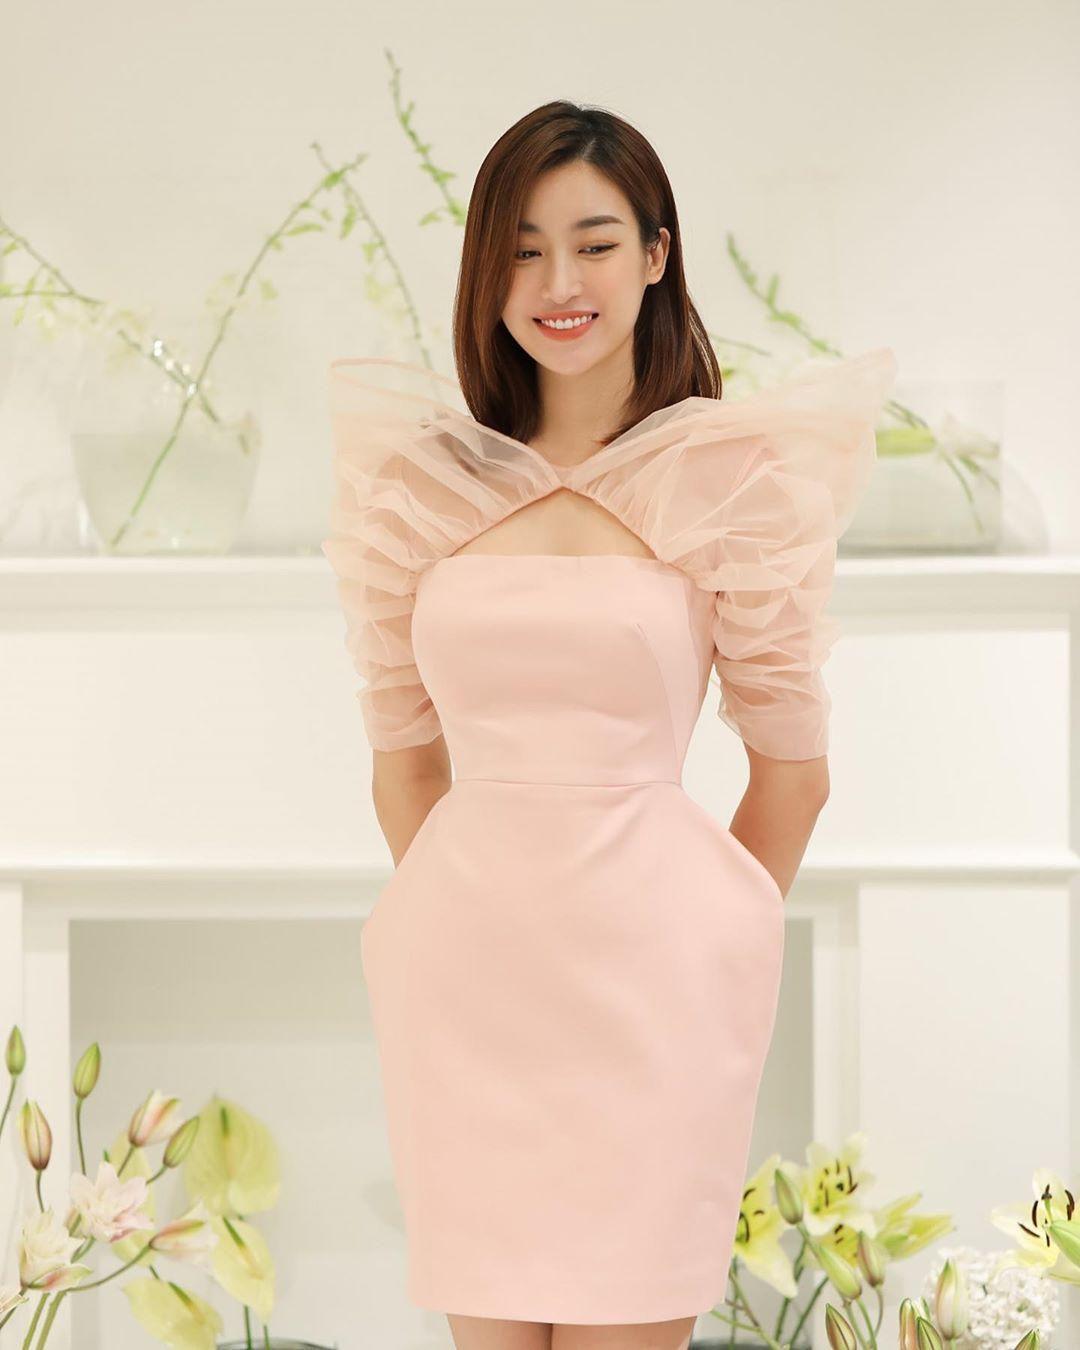 Diện váy đơn sắc: Phương Khánh hóa quý cô đài các - Tiểu Vy xinh đẹp hết phần thiên hạ Ảnh 12